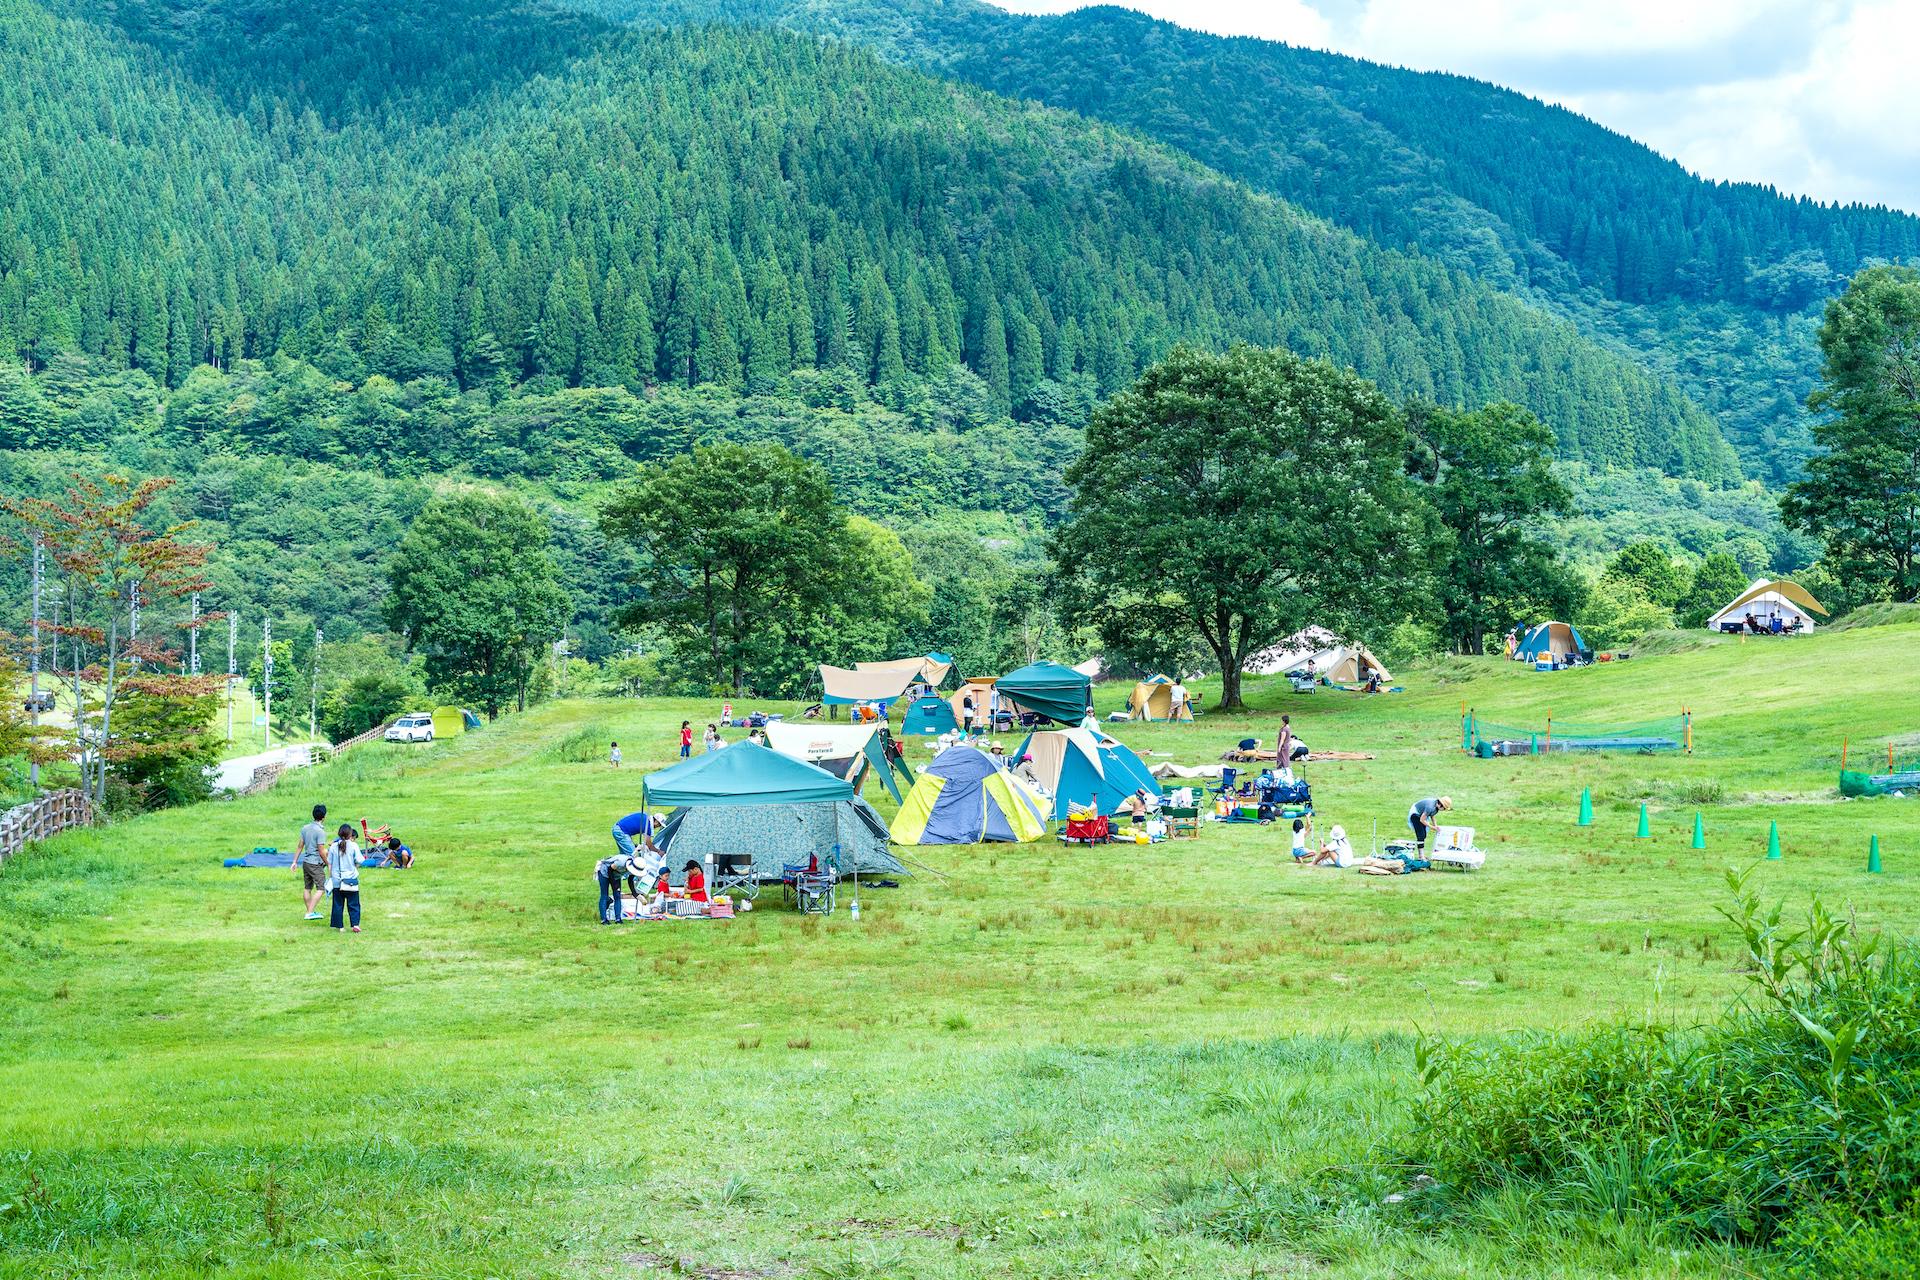 芝サイトに、星空を見る建物型のグランピングにと、種類豊かなサイトが楽しい「めいほう高原キャンプフィールド」